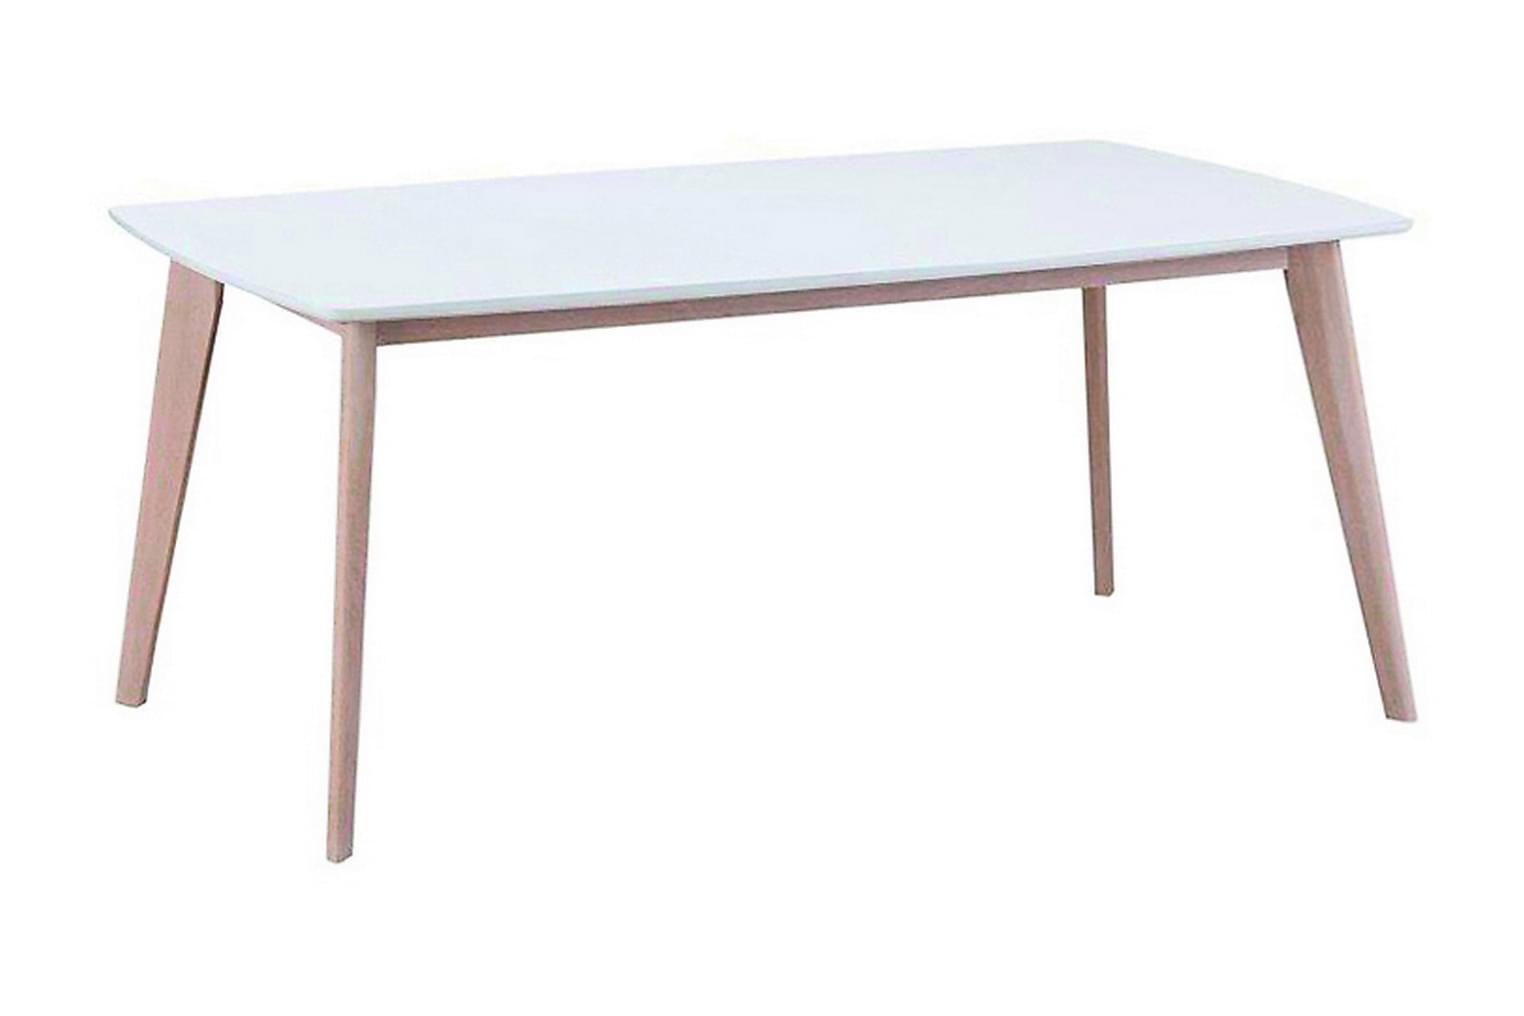 IRSINA Ruokapöytä Valkoinen Kuultovalkoinen